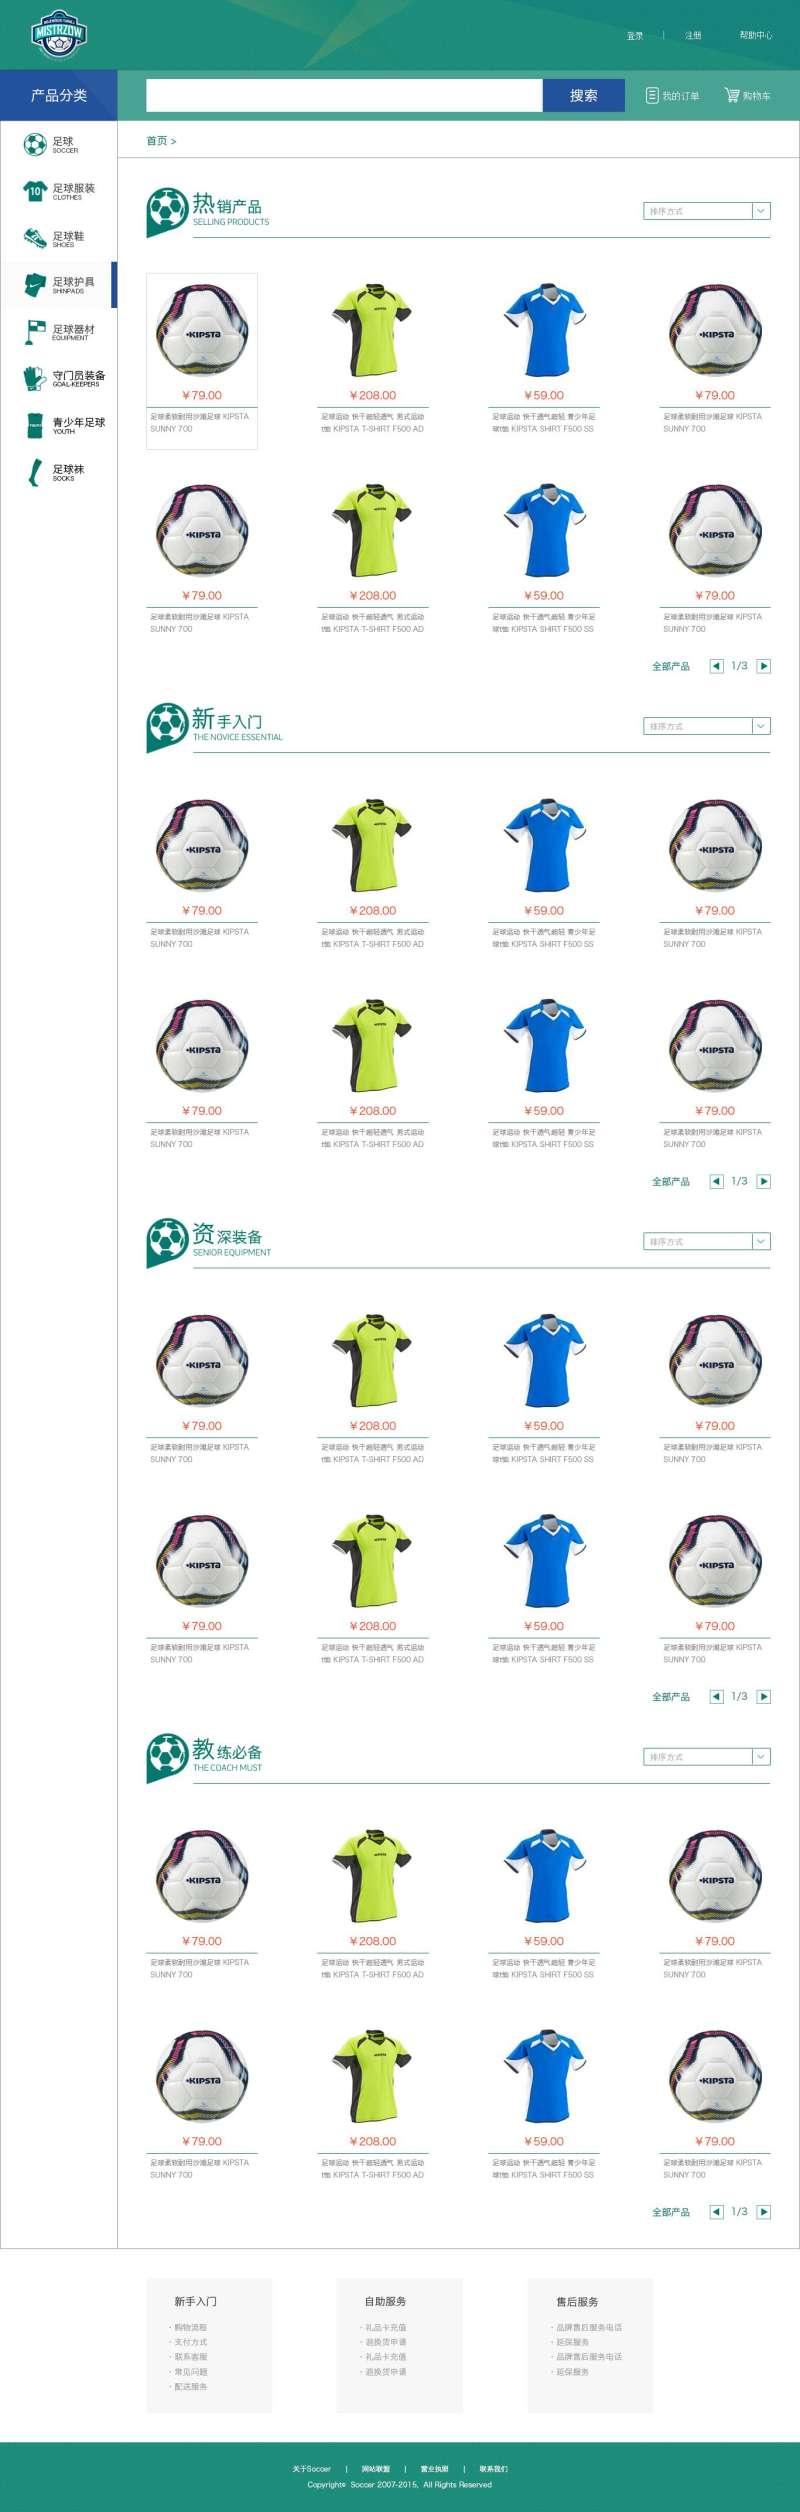 绿色的足球体育用品商城产品列表页面模板